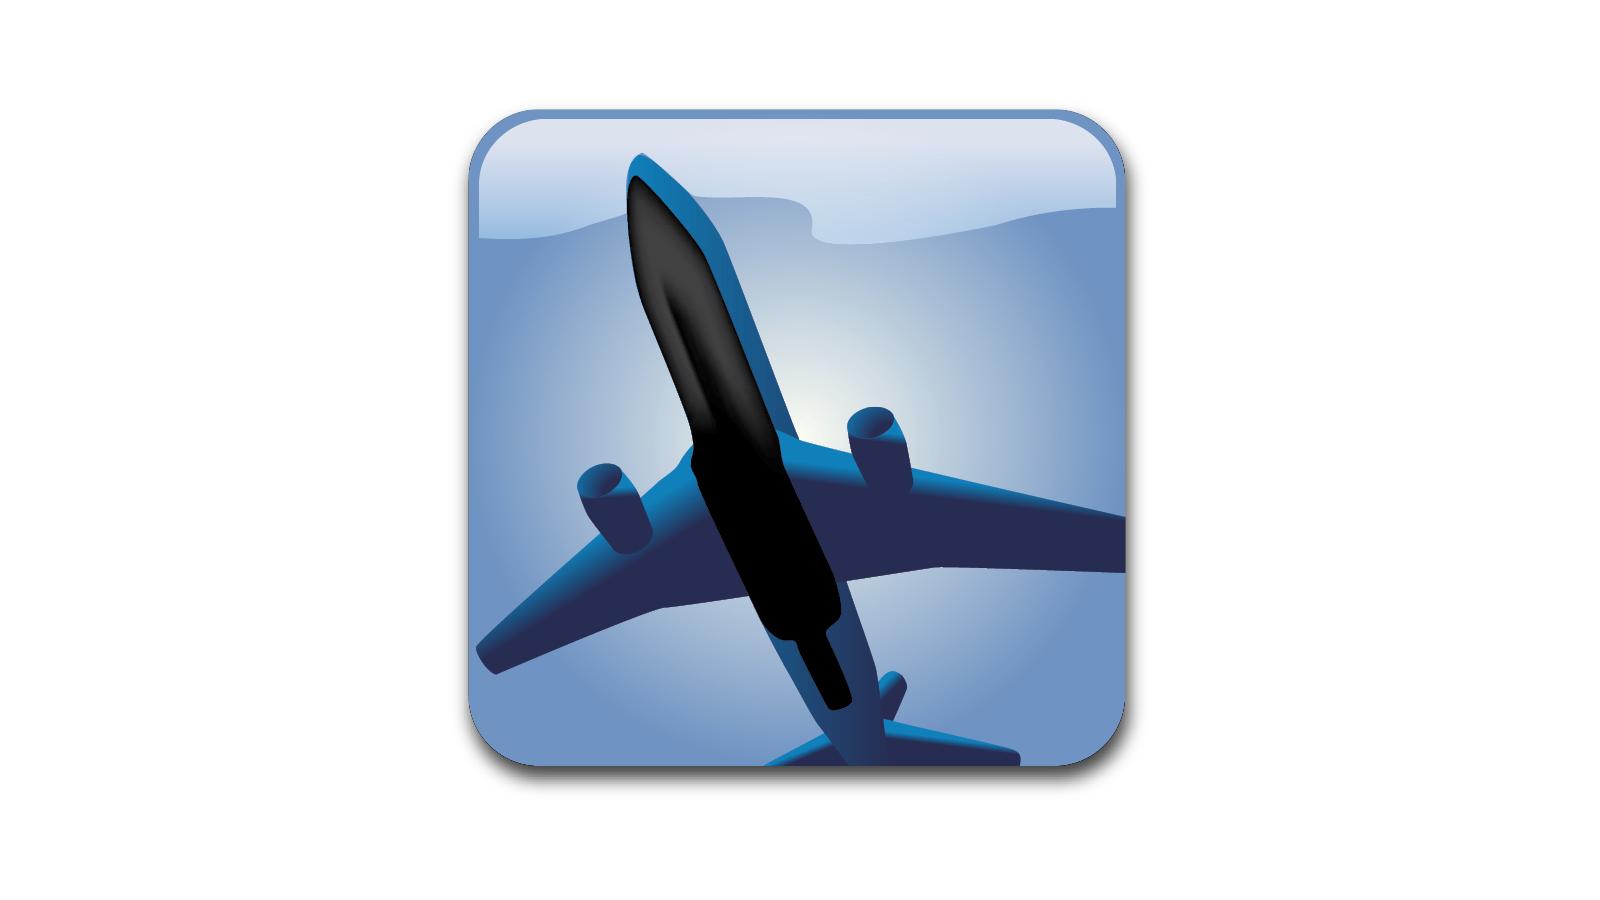 Sustiva Plane Icon Concept